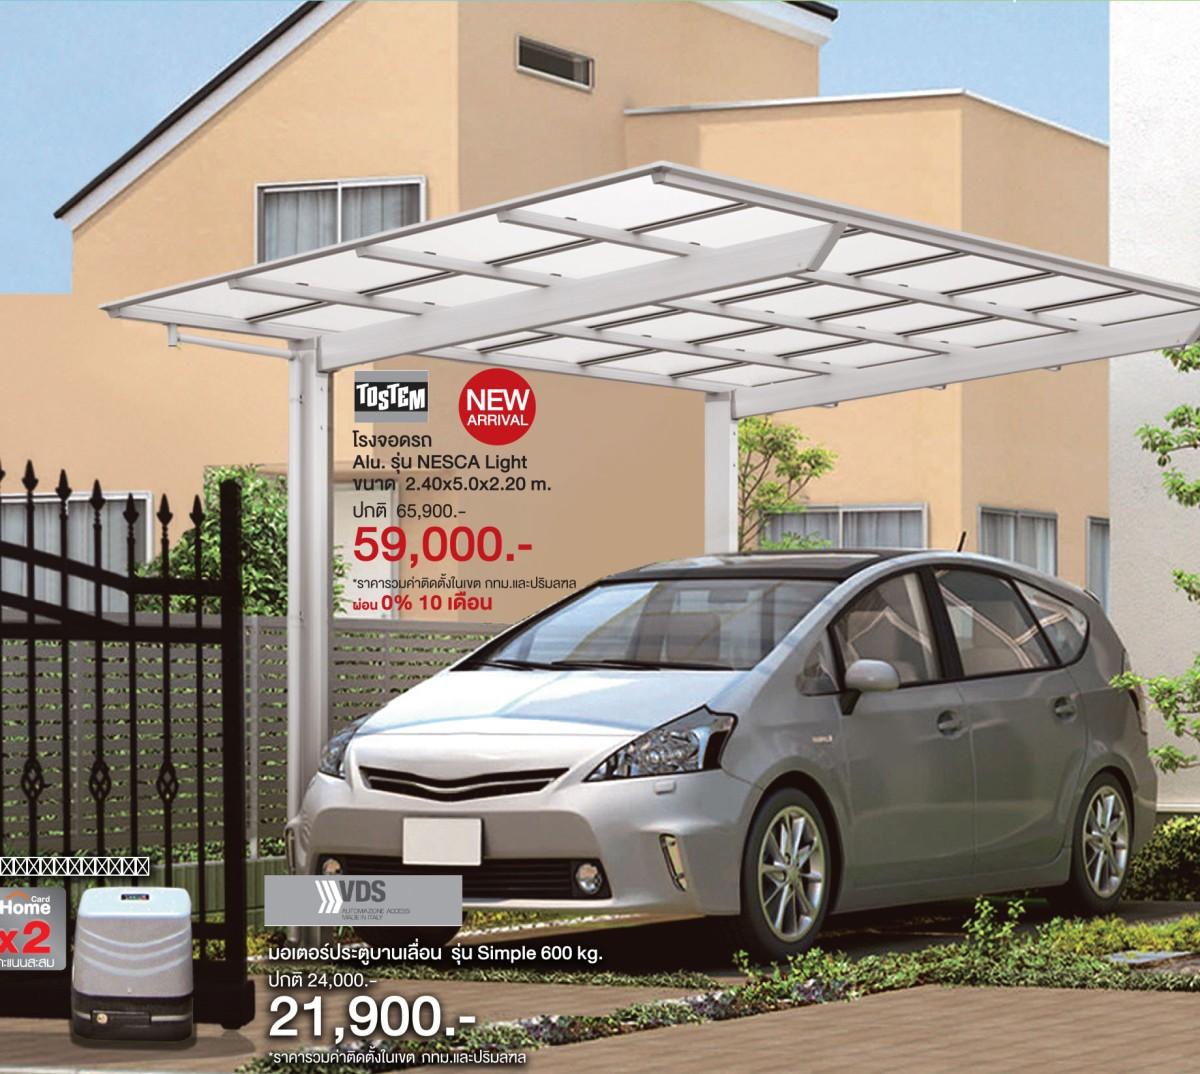 โรงจอดรถสำเร็จรูปจากญี่ปุ่นถึงไทยแล้ว เปิดราคาพิเศษ ผ่อน 0% ที่โฮมโปร